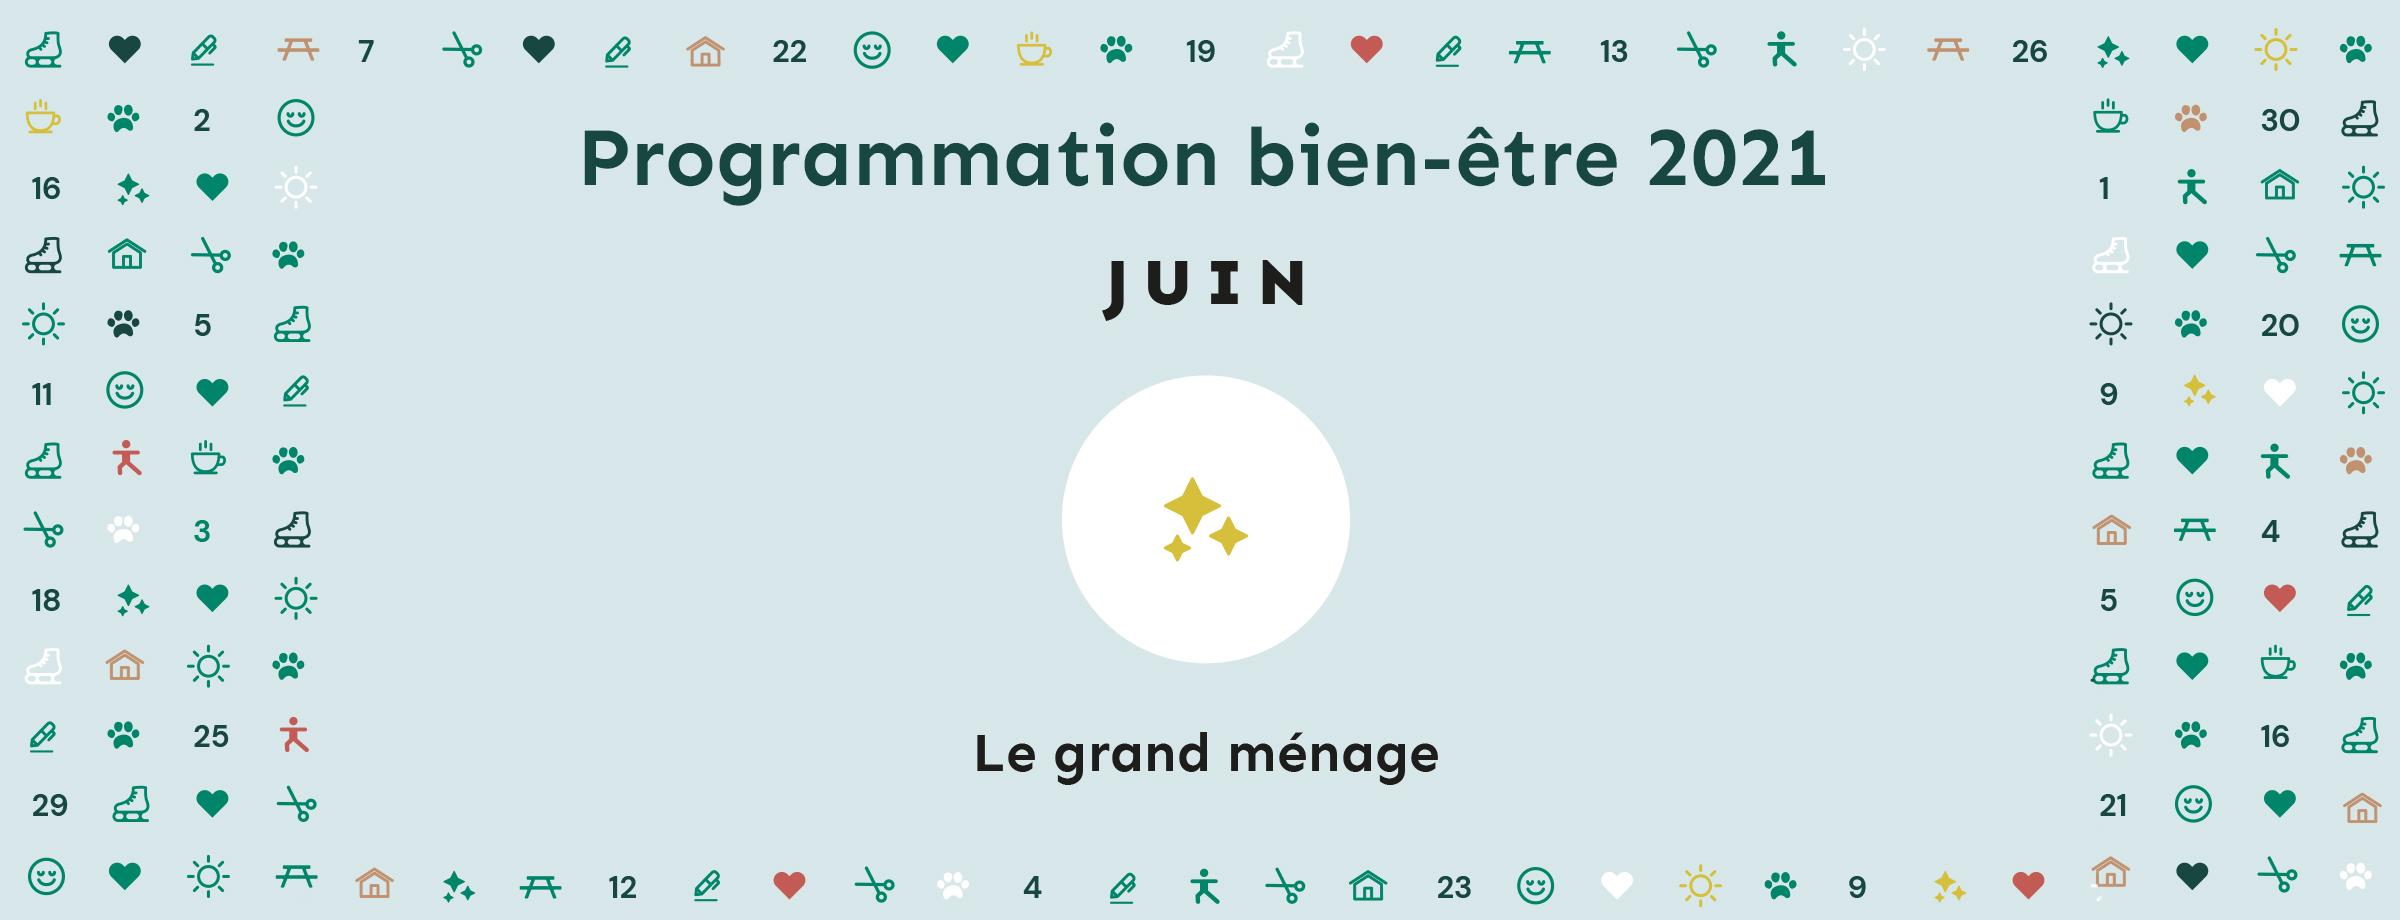 Programmation bien-être 2021 | Thématique juin